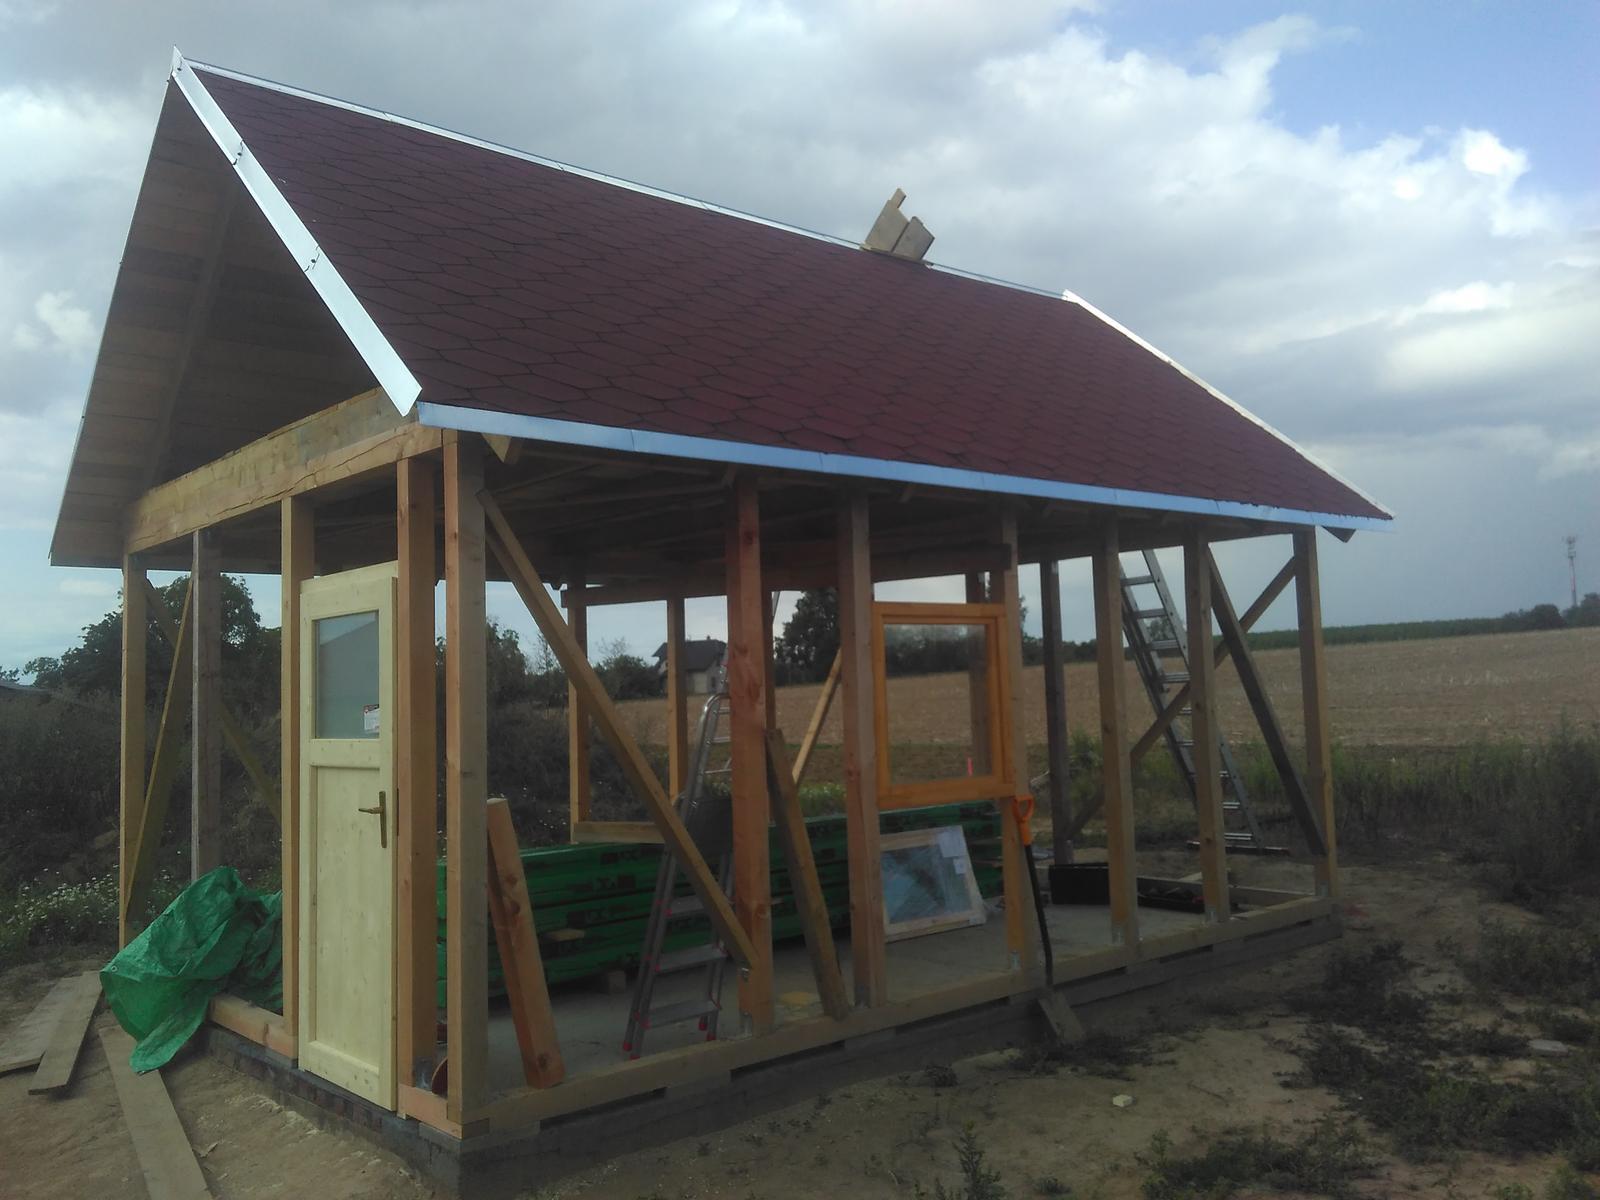 Zahradní domek - Střecha hotová - pojistná lepenka, šindel, oplechování, okapnice, hřebenáč.